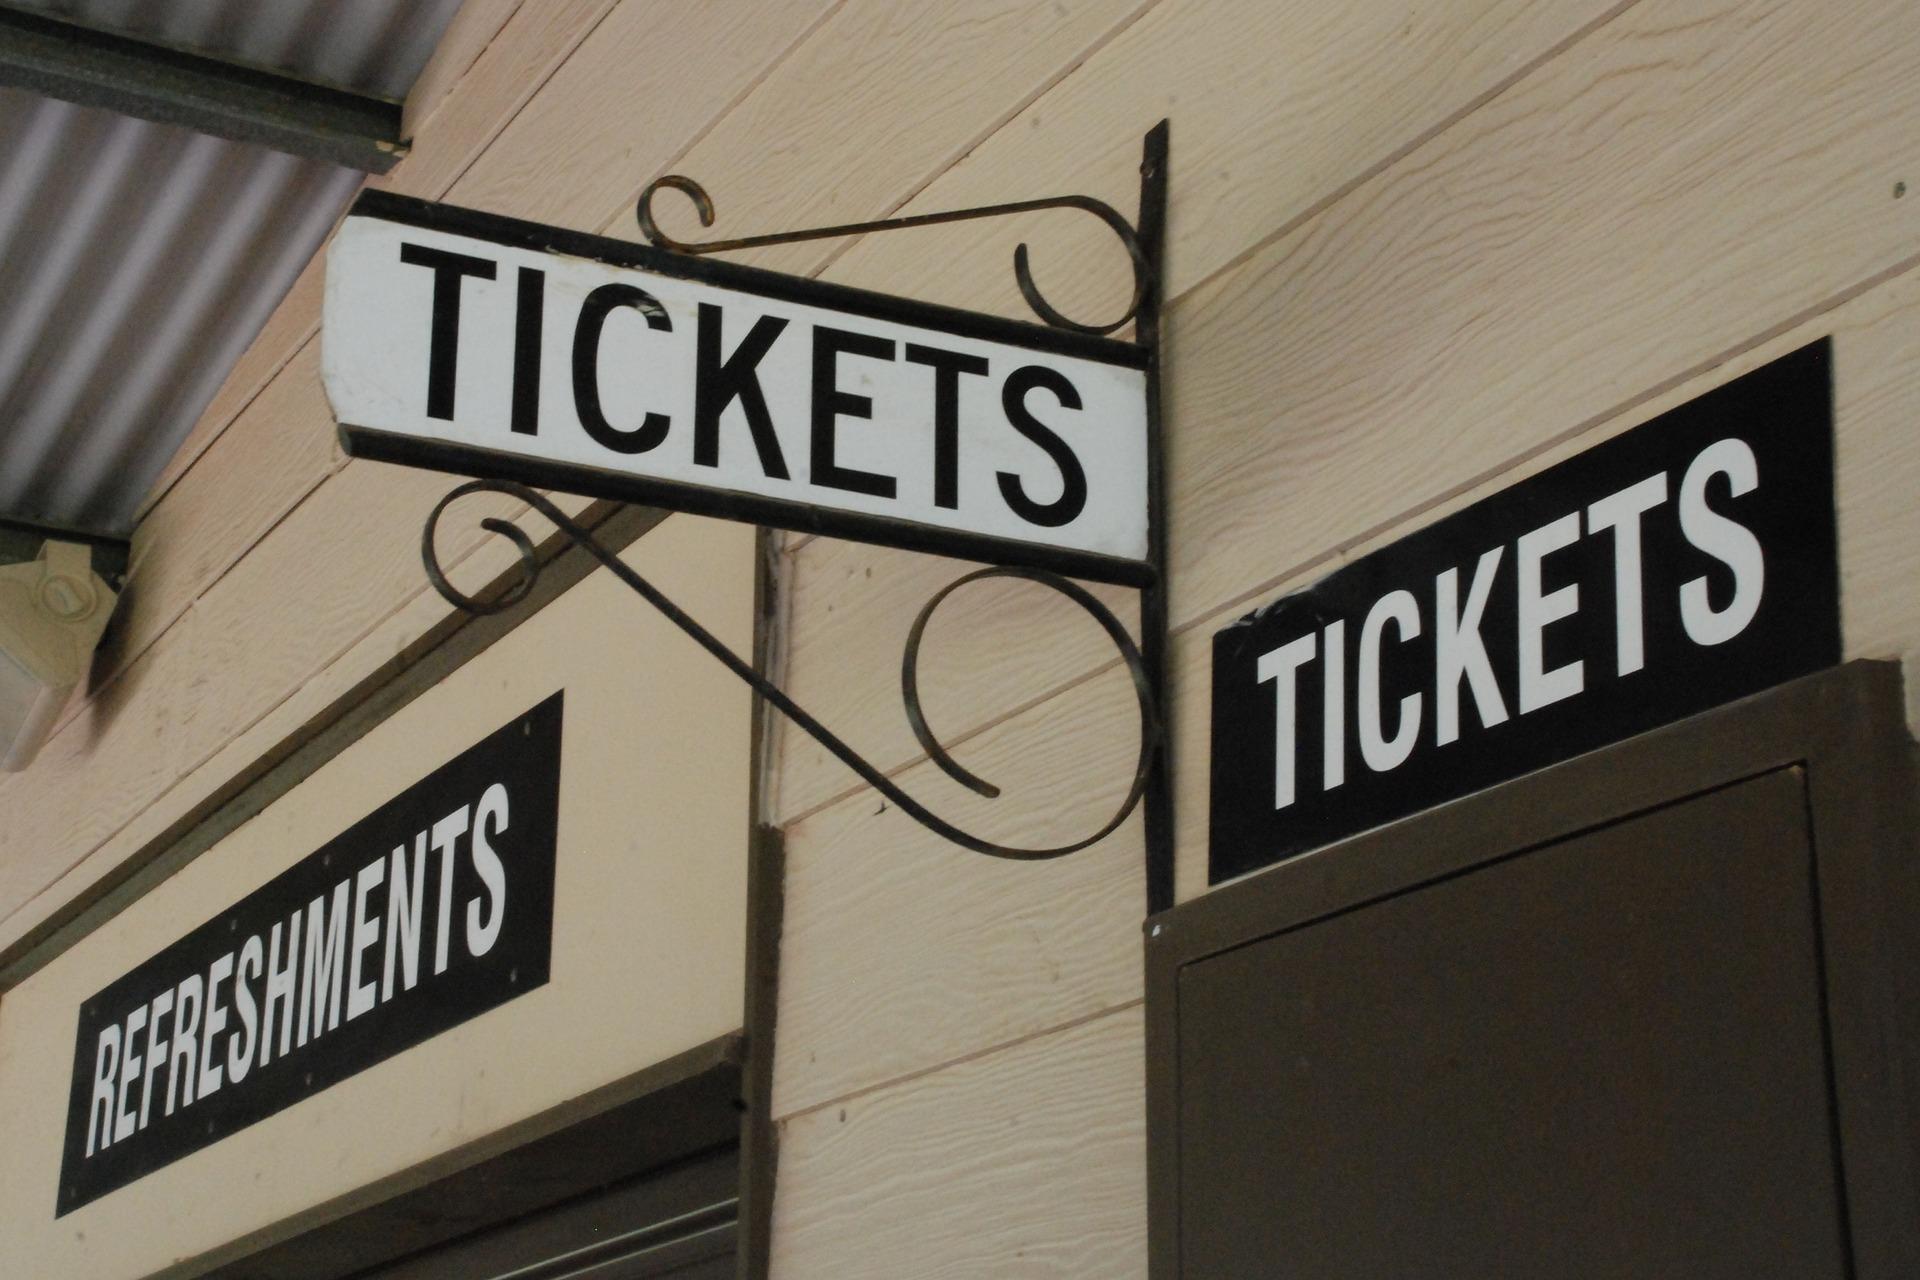 True Tickets y Tessitura llevarán la venta de boletos digitales con tecnología blockchain a más de 700 organizaciones artísticas y de entretenimiento a nivel mundial